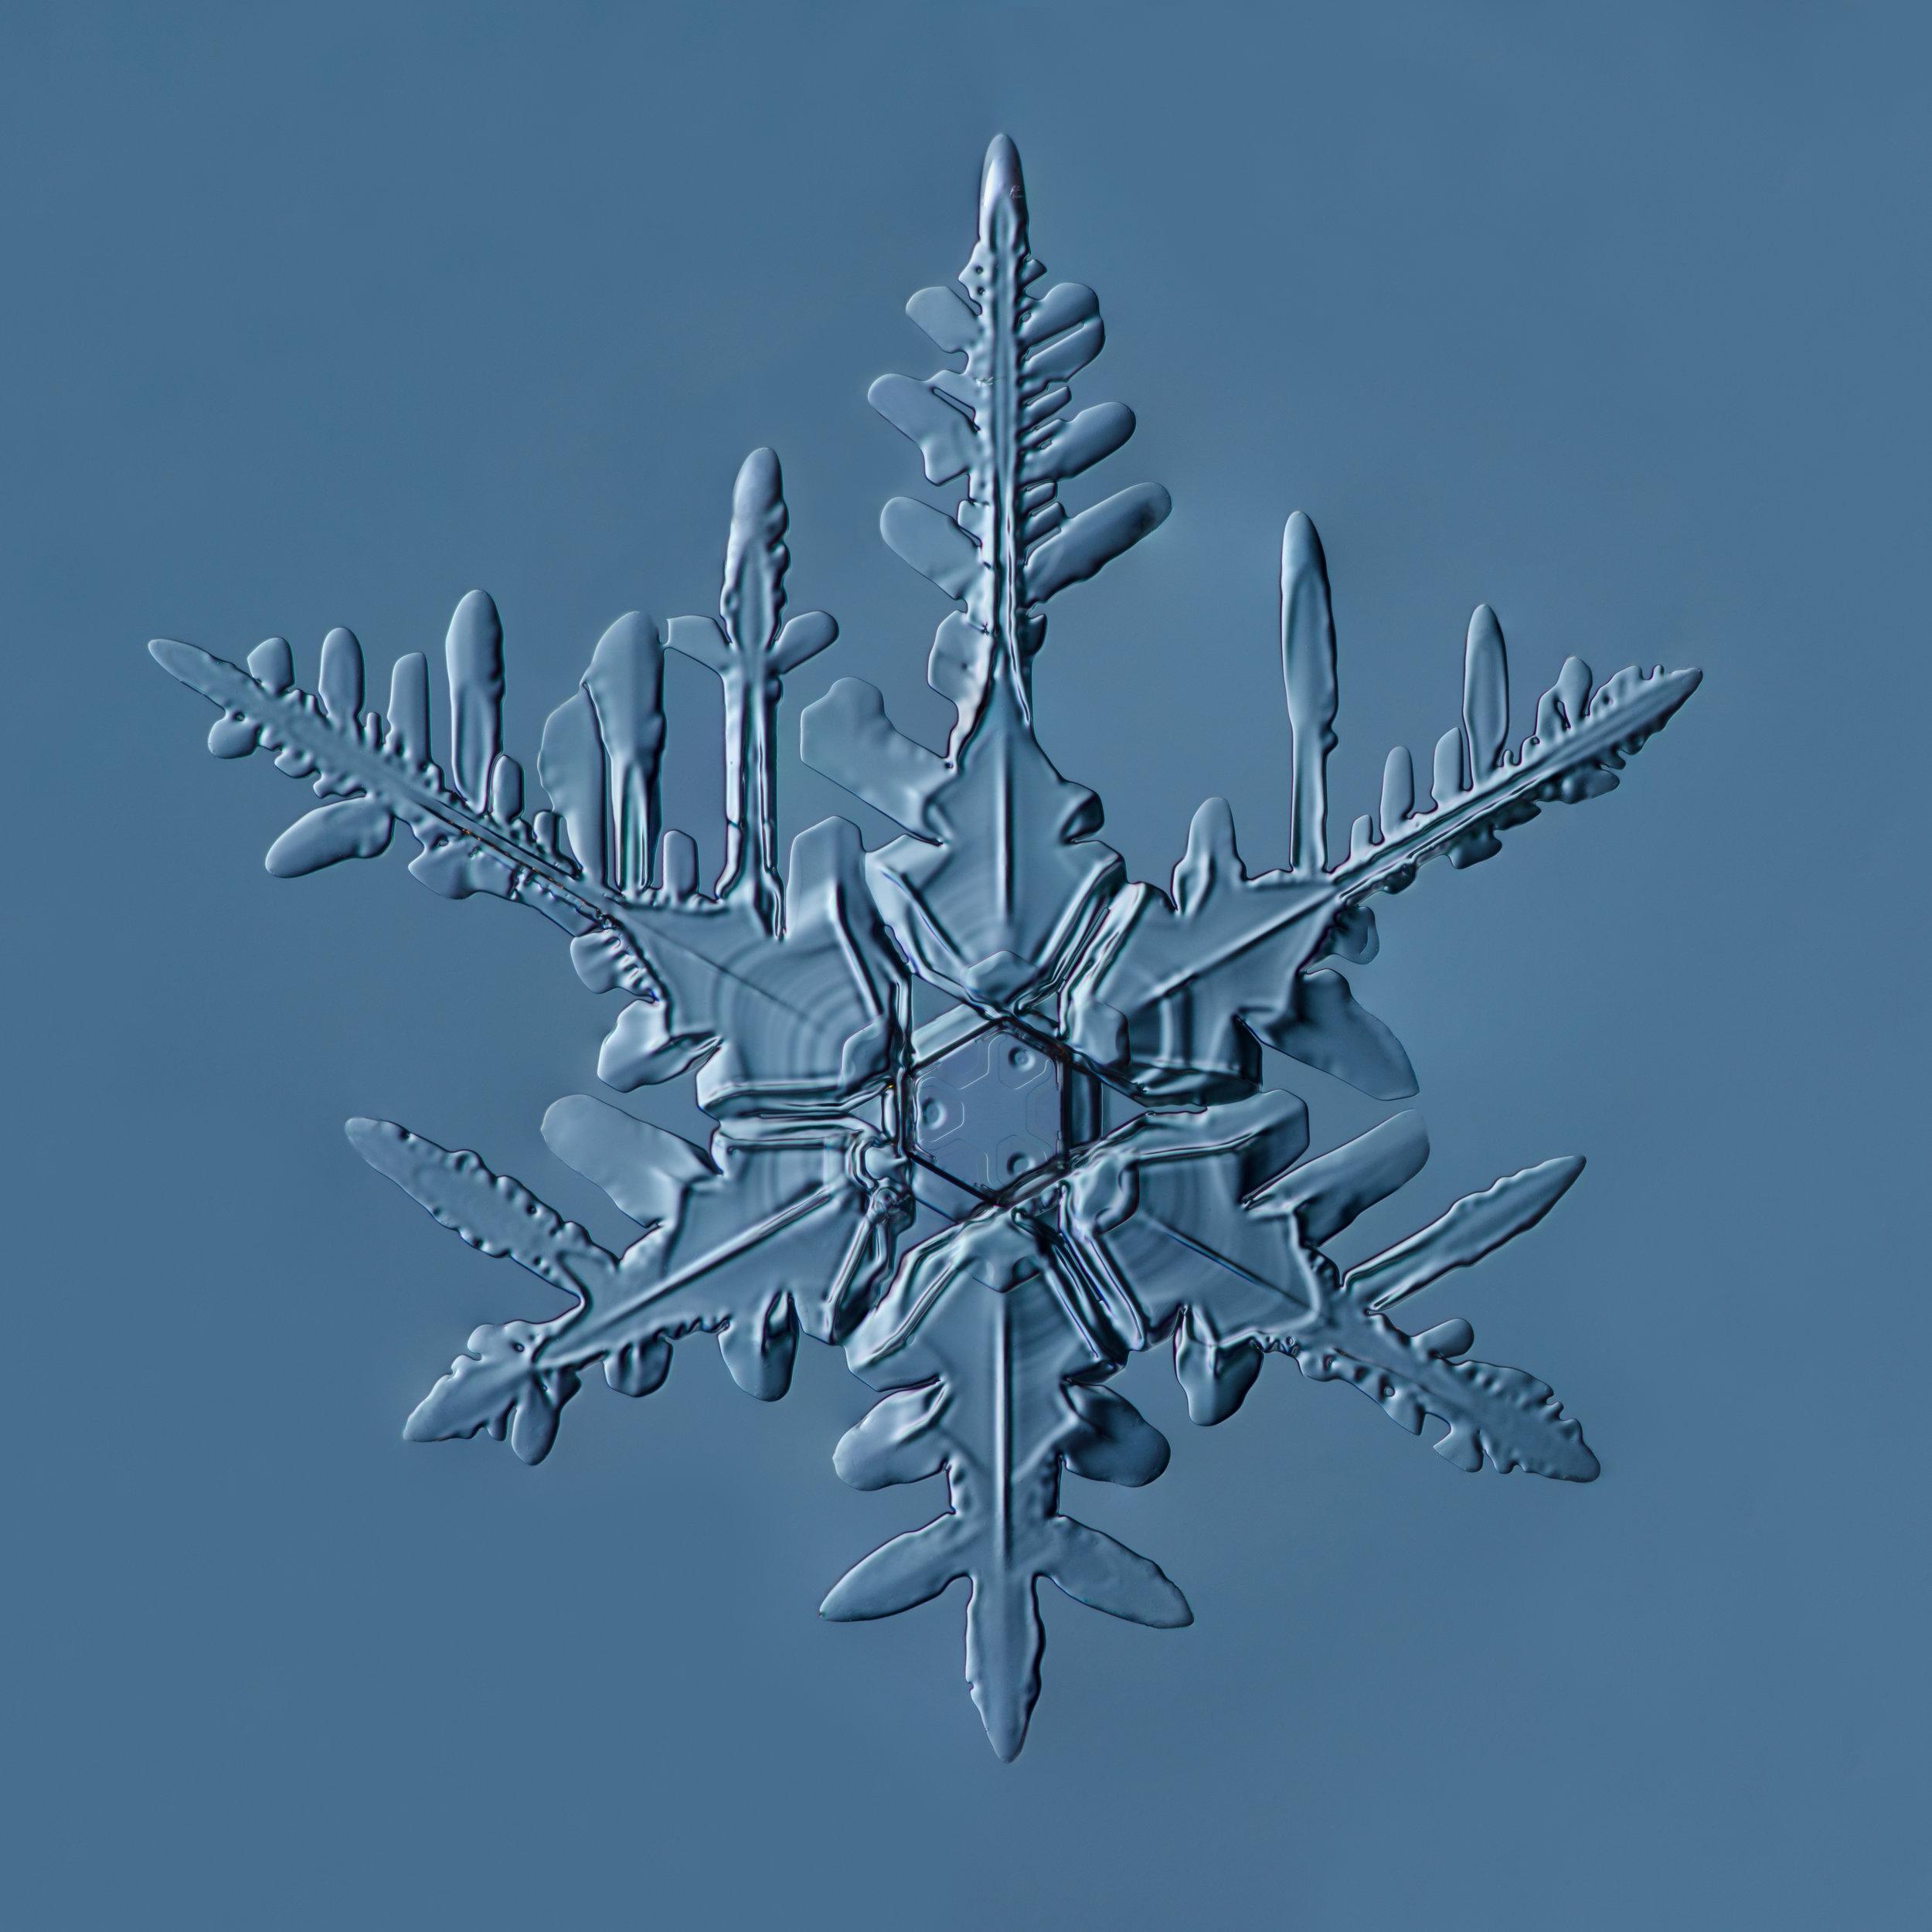 Snowflake 2015.02.22.002.1.JPG